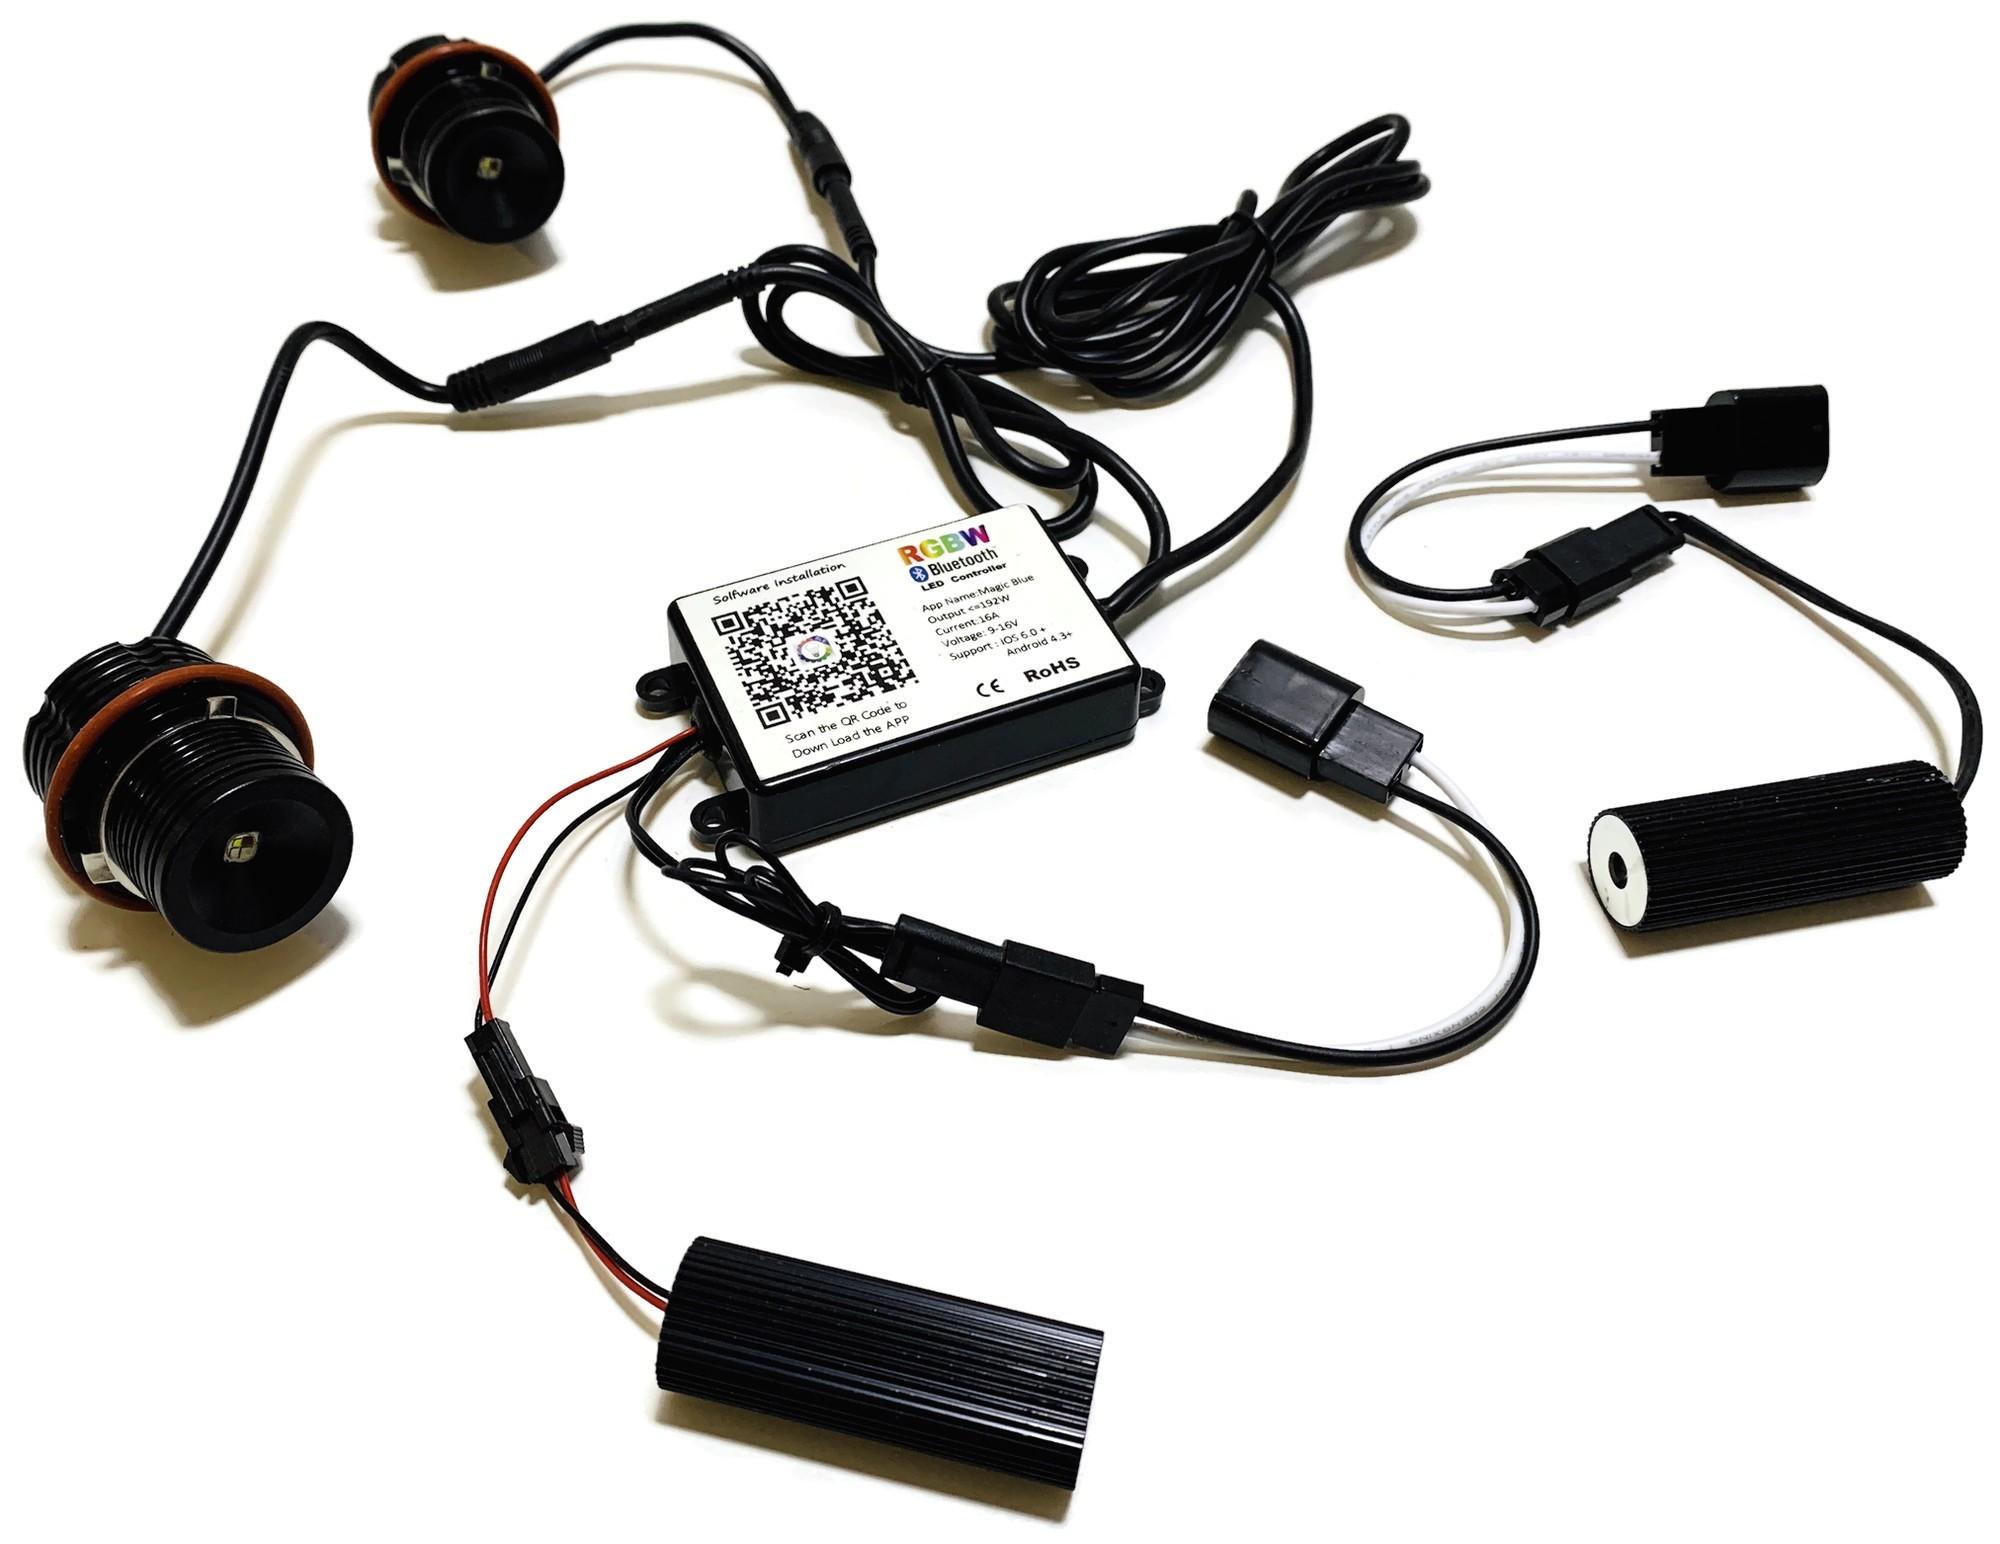 RGBW RINGI LED MARKERY BMW E39 E60 E61 E83 E65 BT